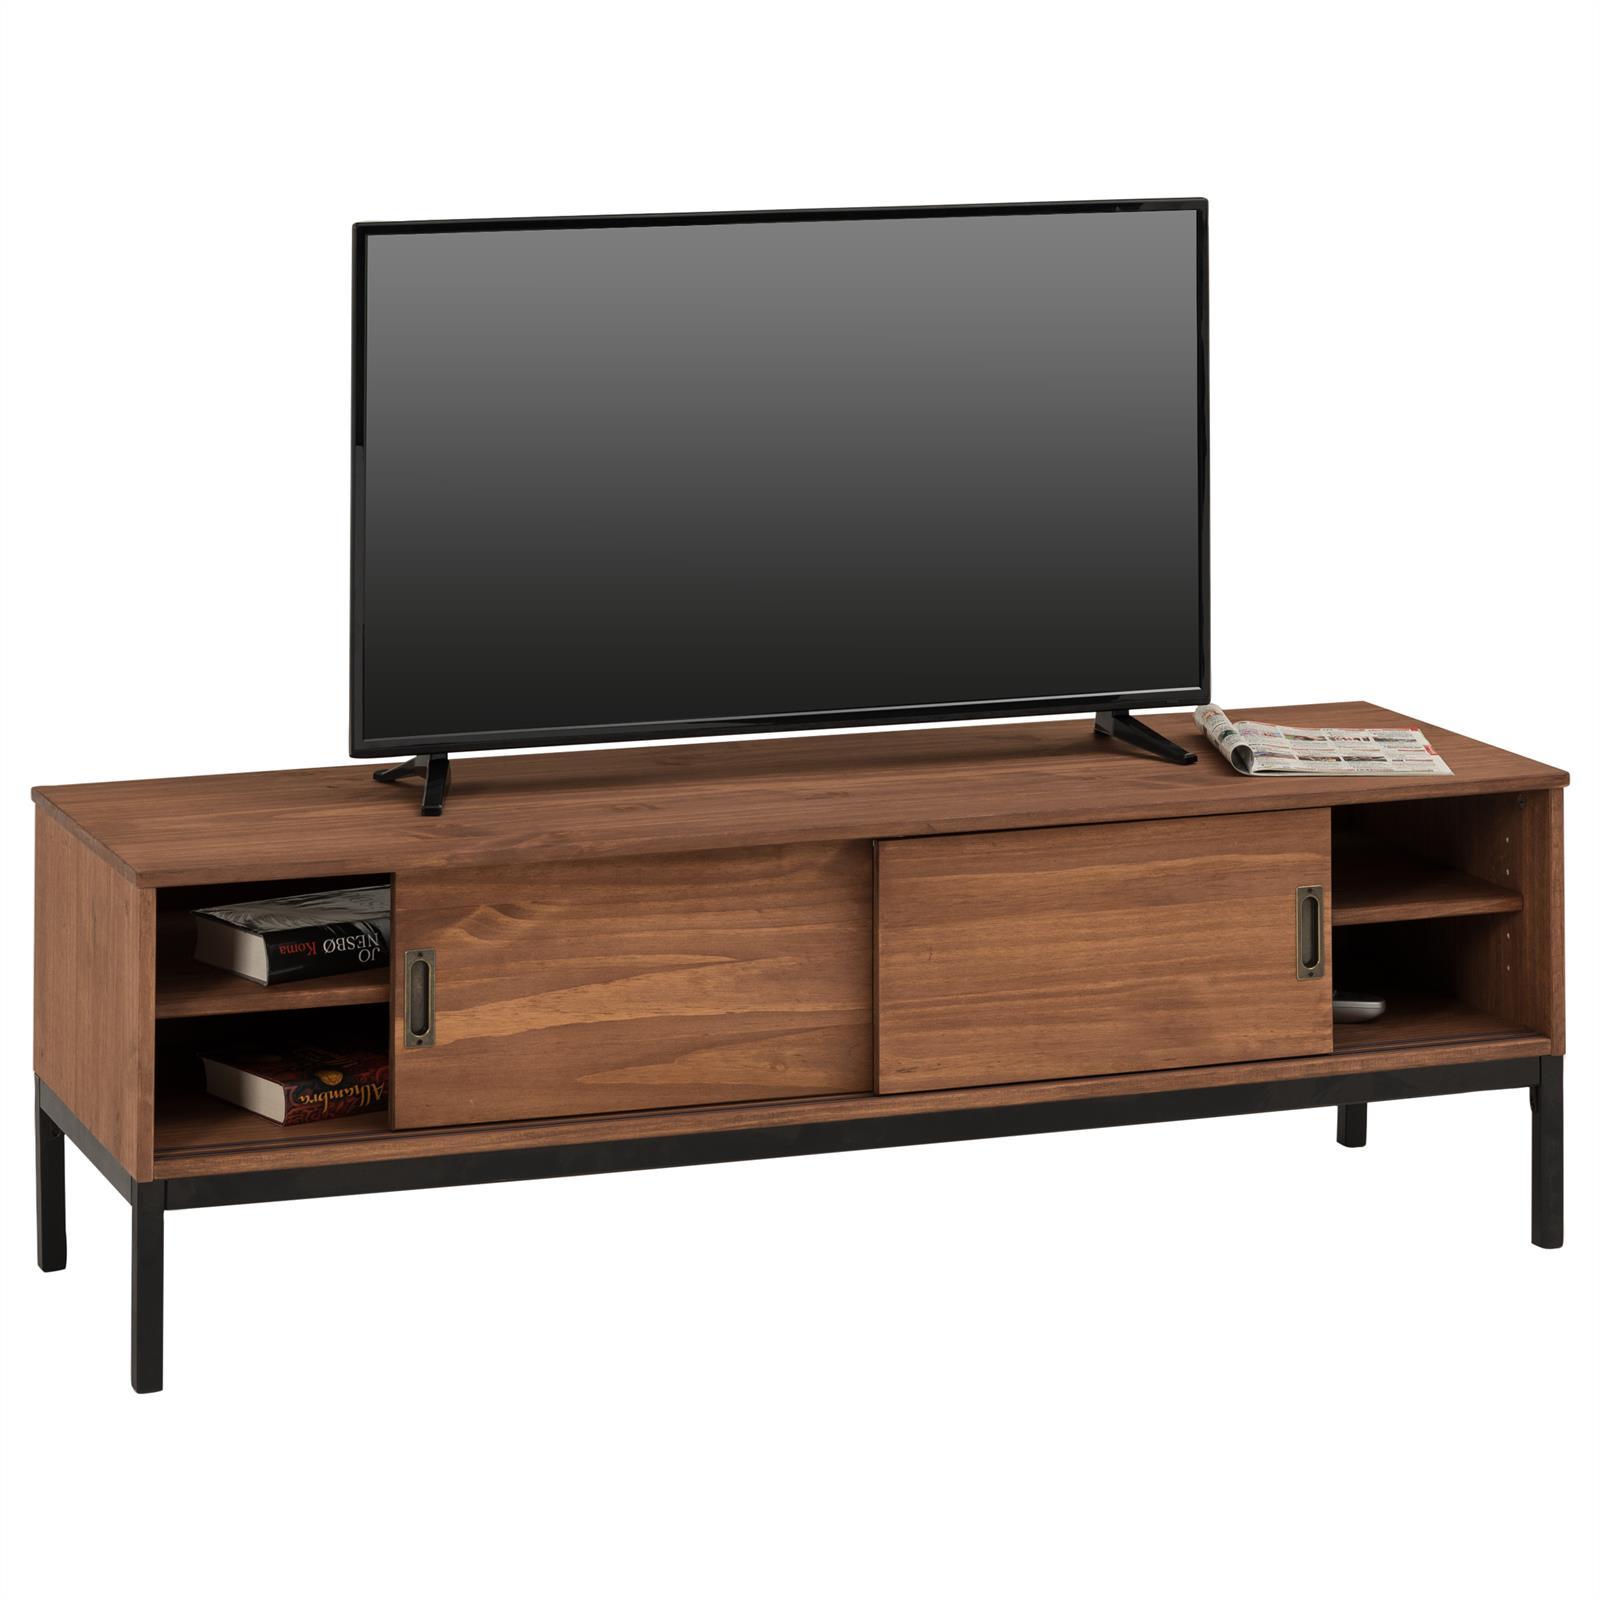 details zu lowboard tv möbel tisch schrank fernsehtisch fernsehschrank  industrial design